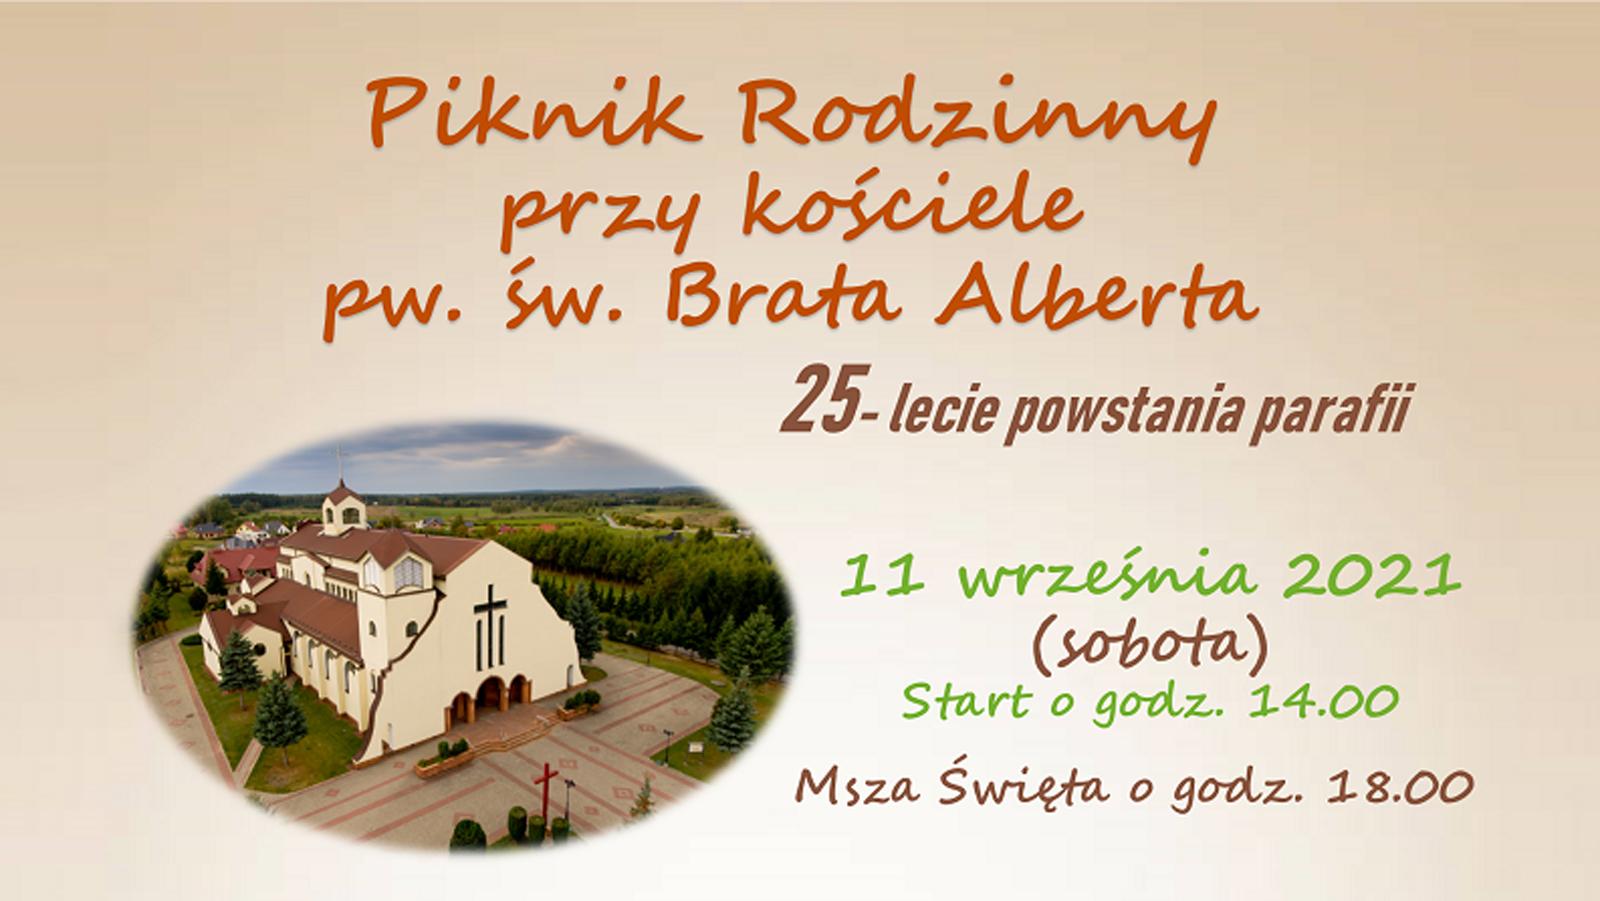 11 września: Piknik rodzinny przy kościele - Kolbuszowa 2021 - Zdjęcie główne